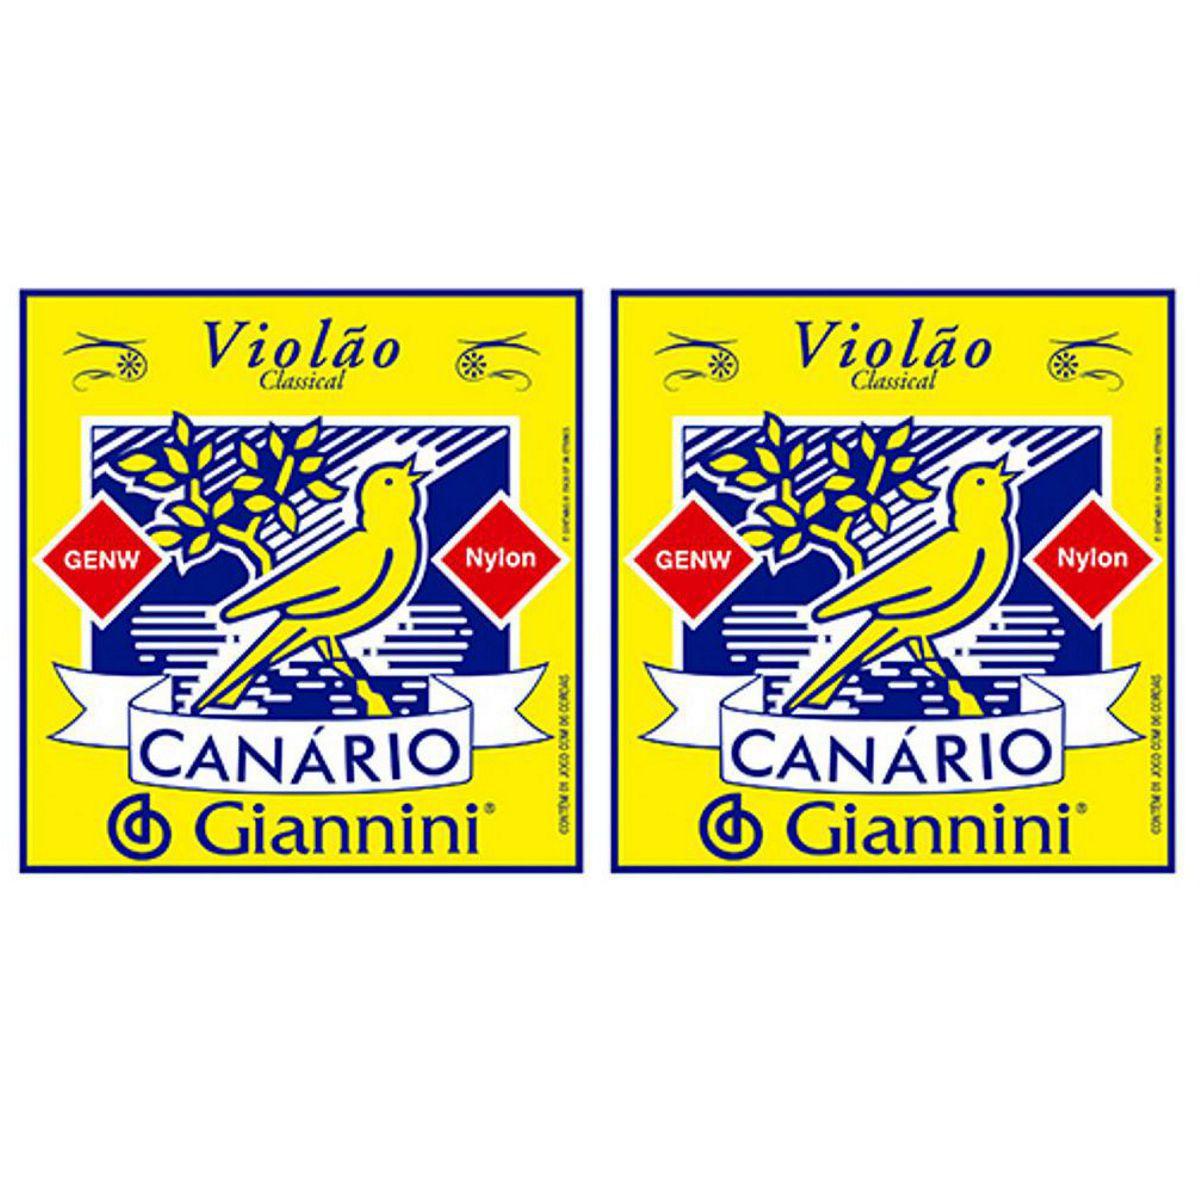 Encordoamento Giannini Canário Violão NYLON - Cordas de NYLON para Violão - GENW - 02 Jogos